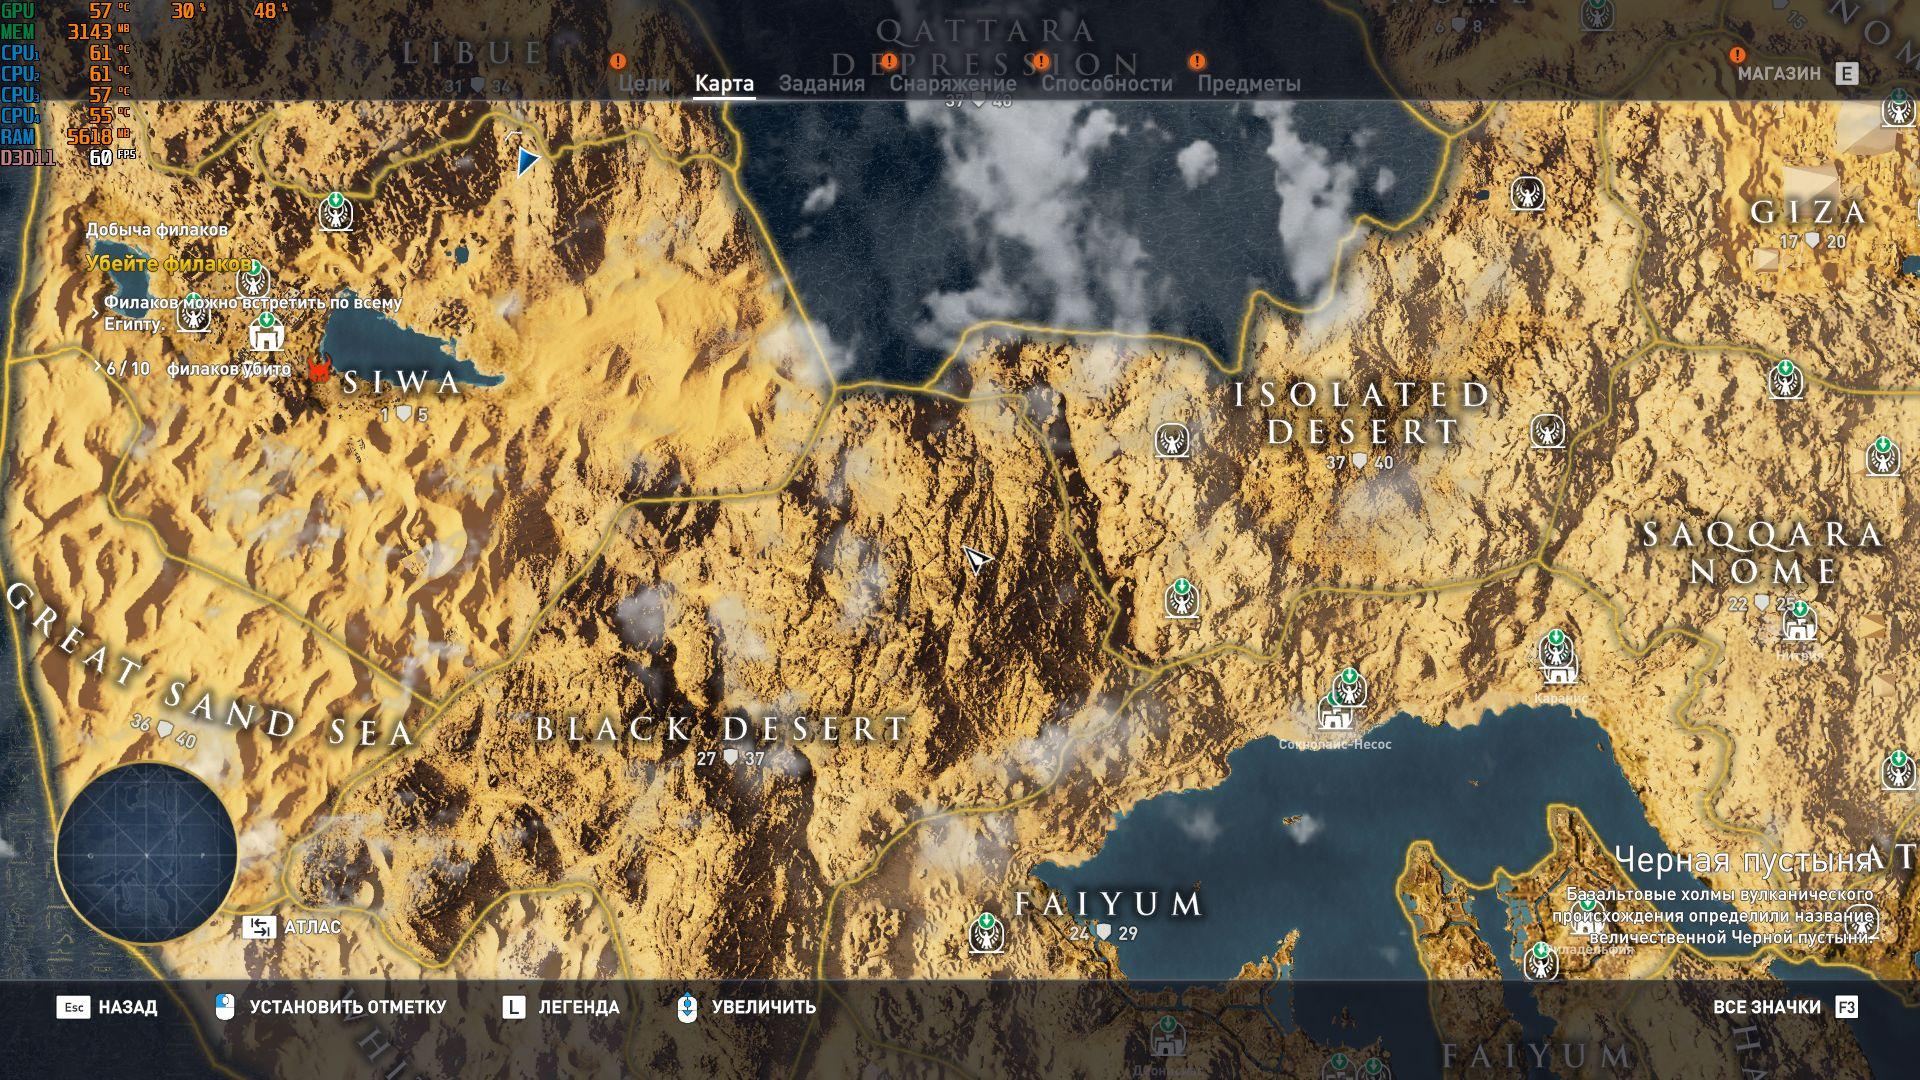 00089.Jpg - Assassin's Creed: Origins